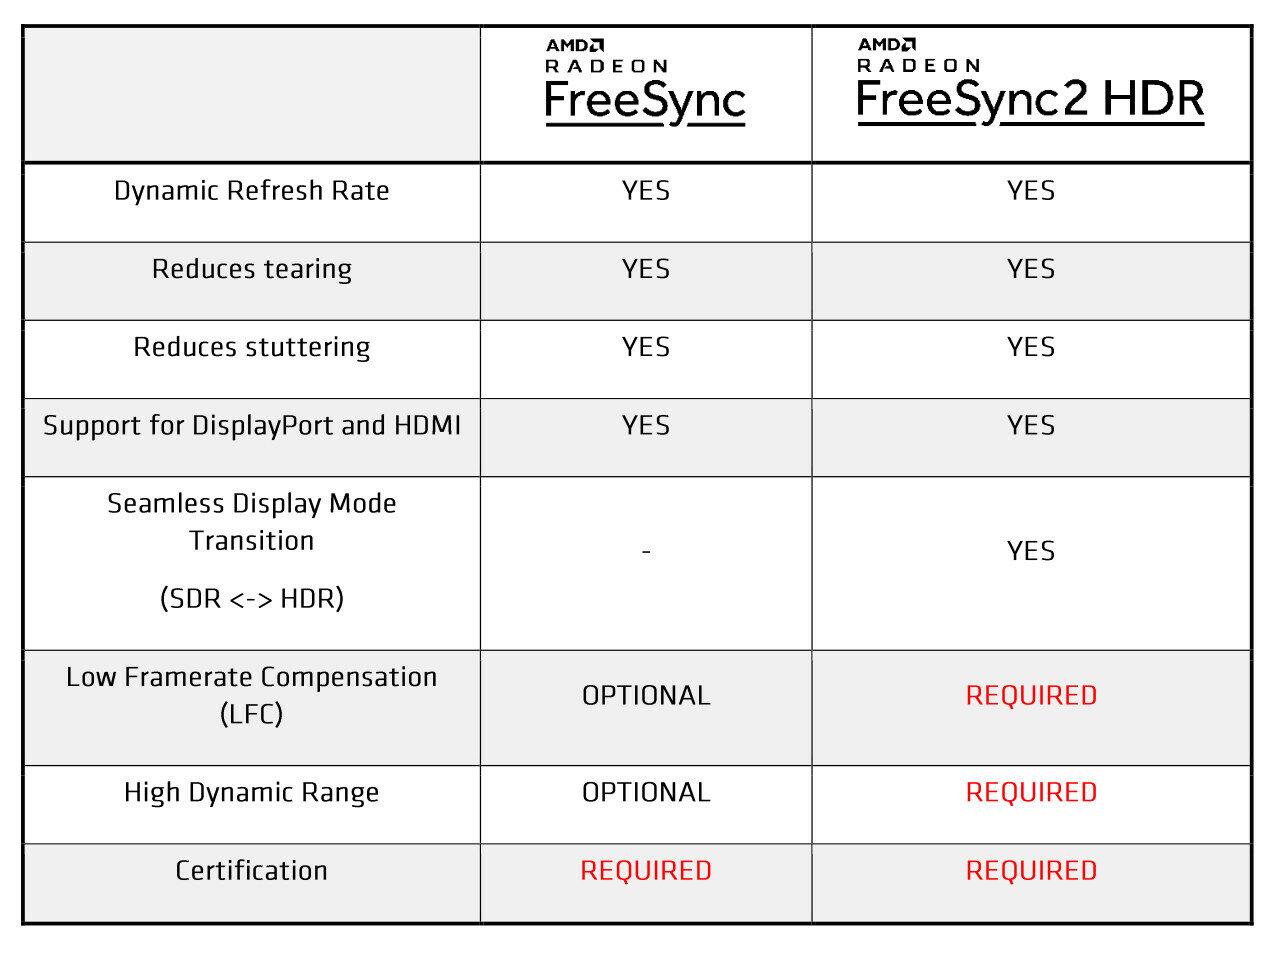 AMD FreeSync 2 HDR